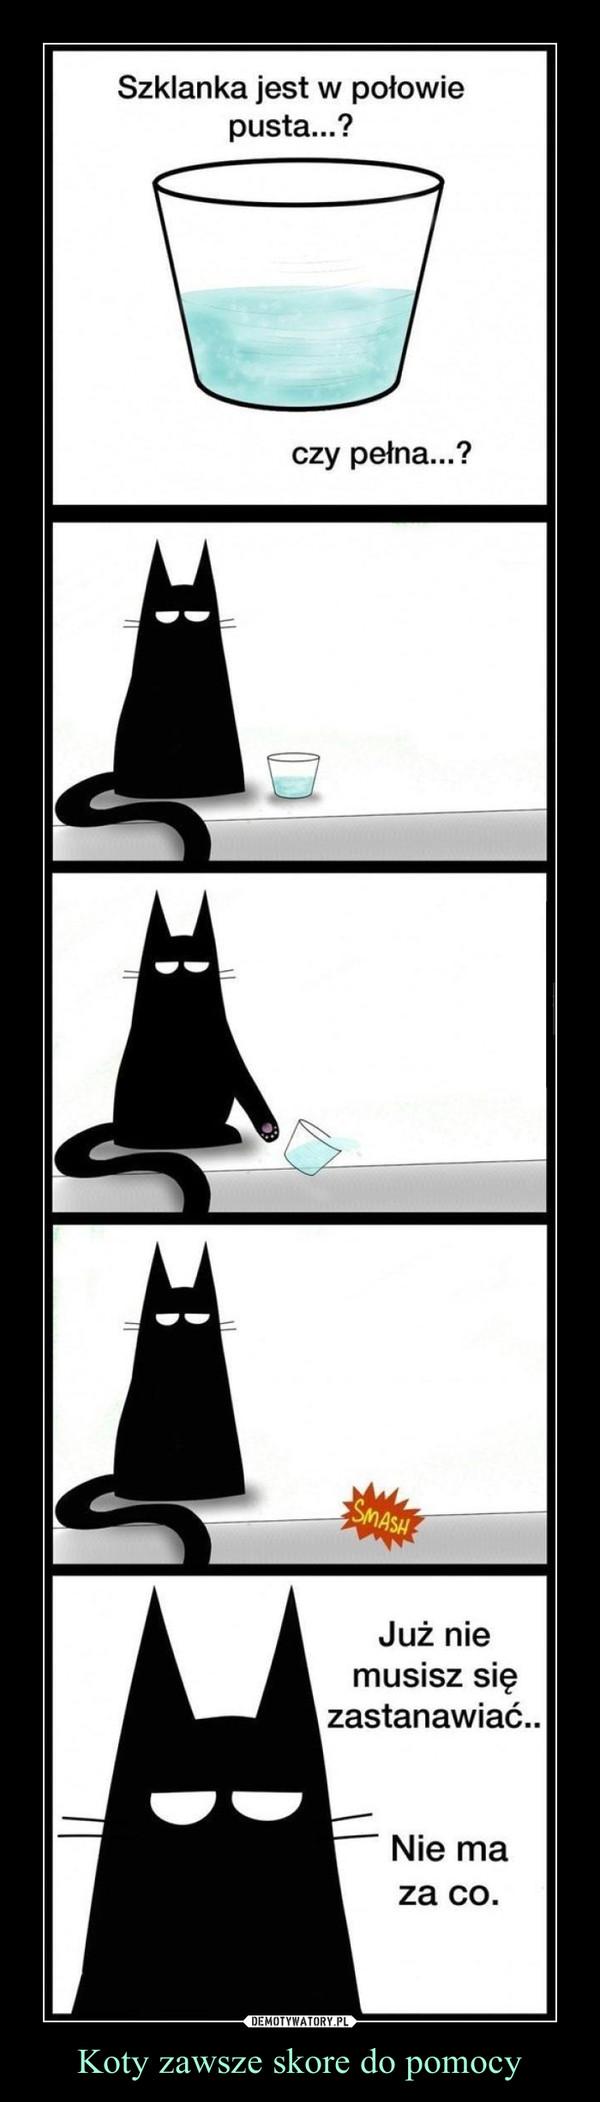 Koty zawsze skore do pomocy –  Szklanka jest w połowie pusta...?czy pełna...?Już nie musisz się zastanawiać.Nie ma za co.